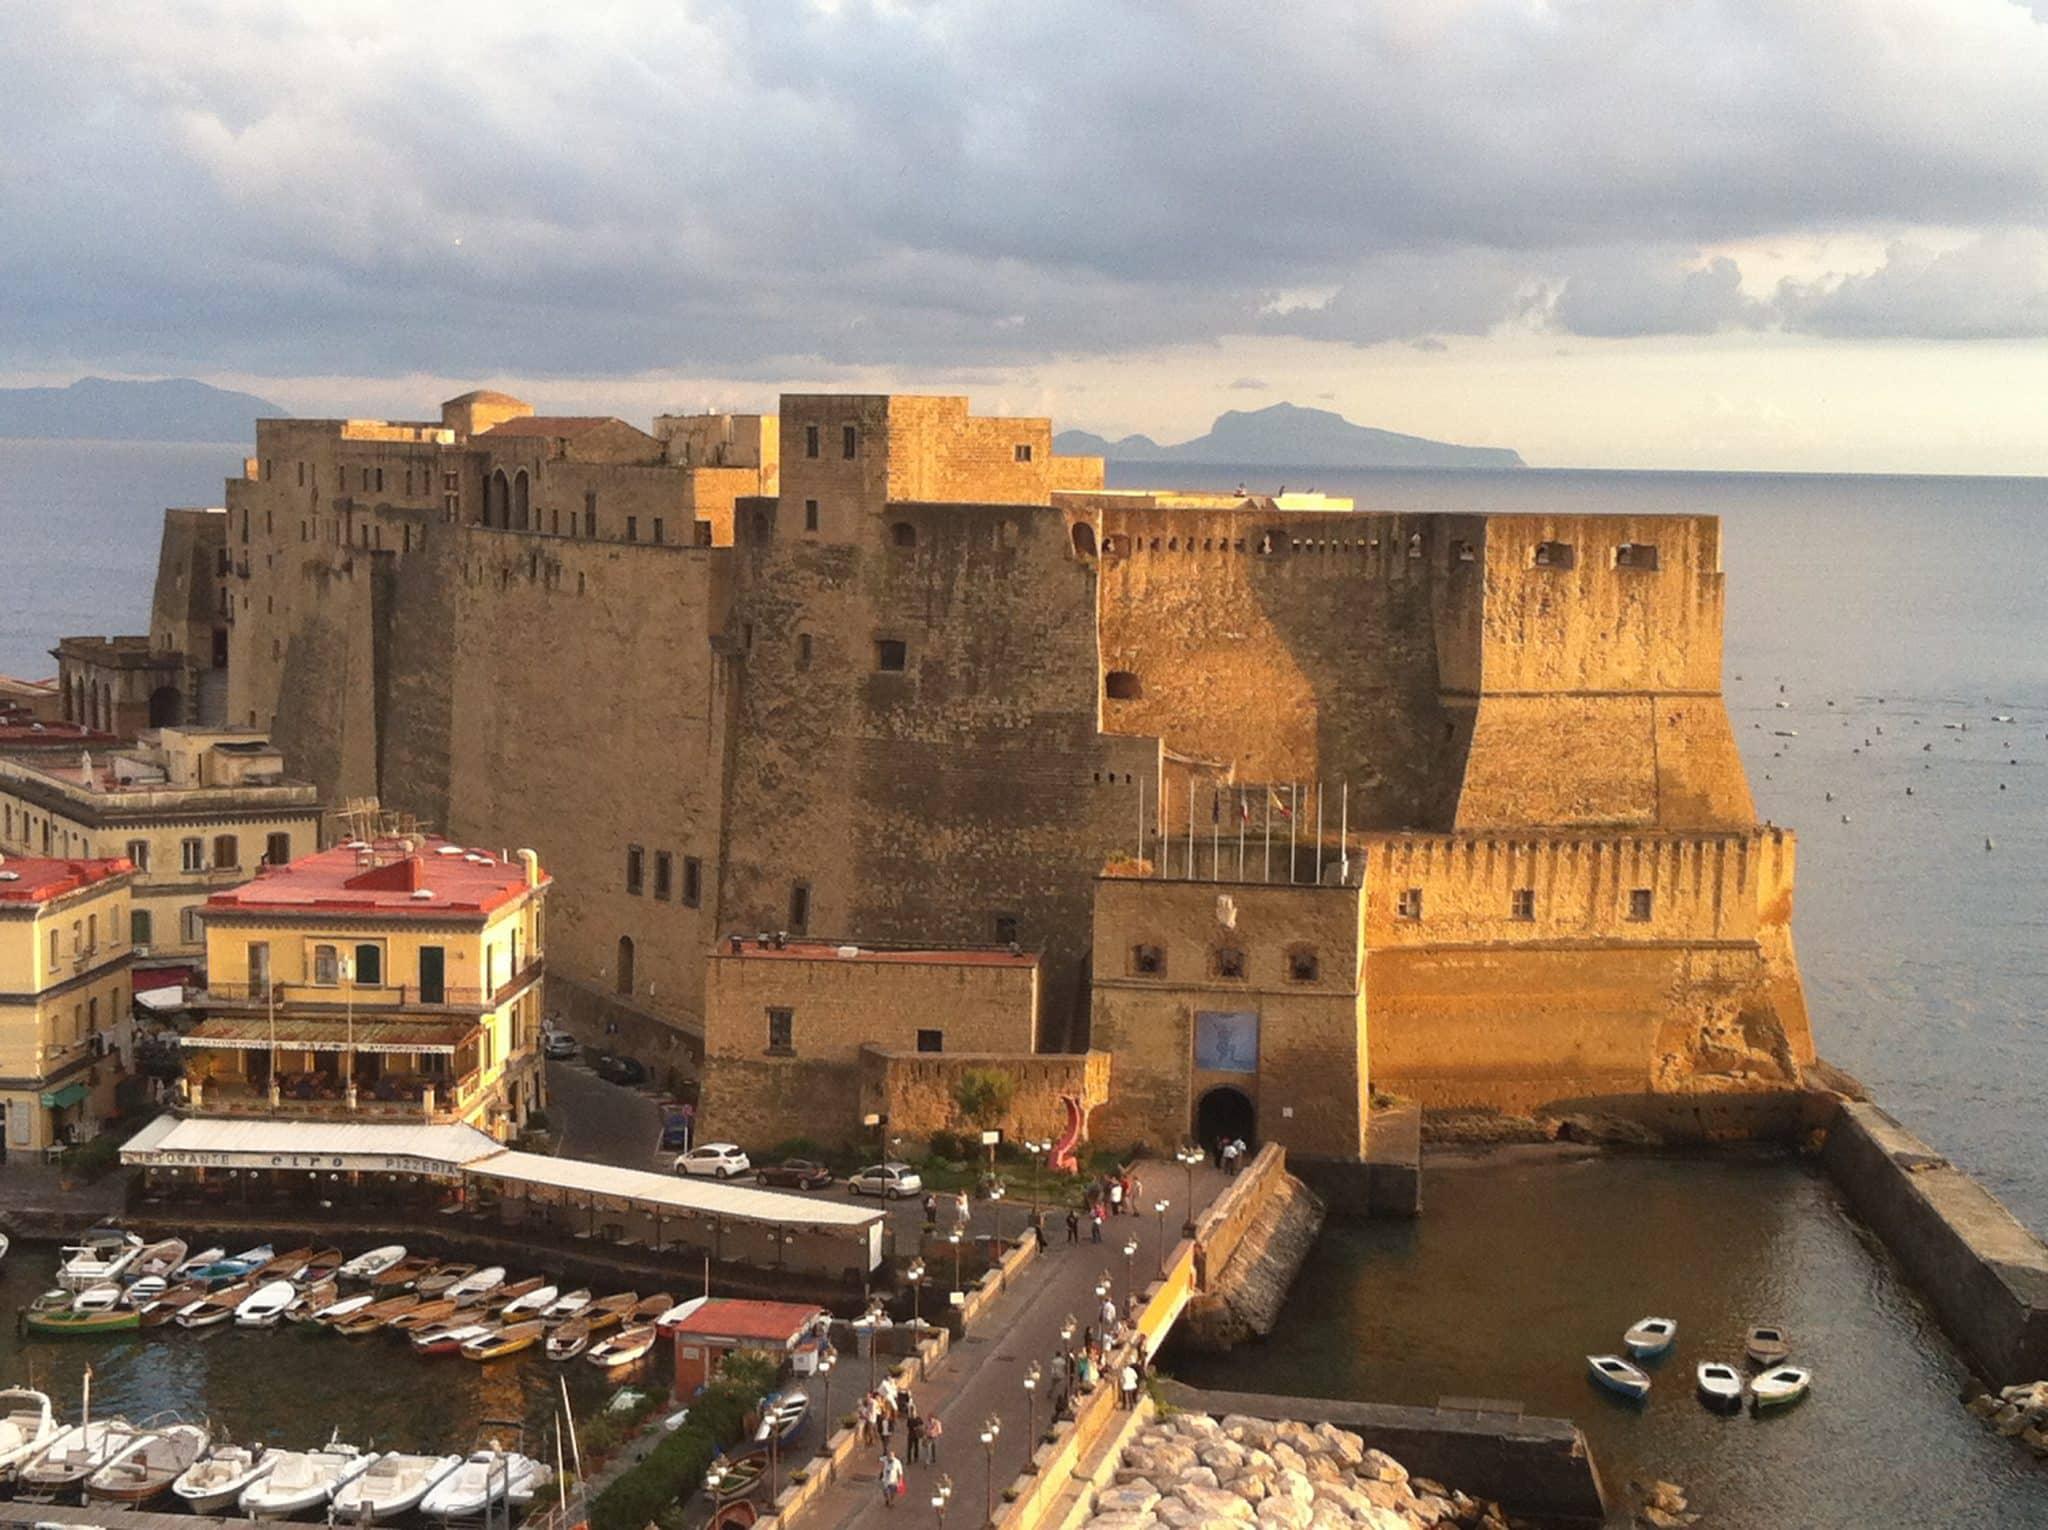 Castel_dell_Ovo,_Napoli,_Italy